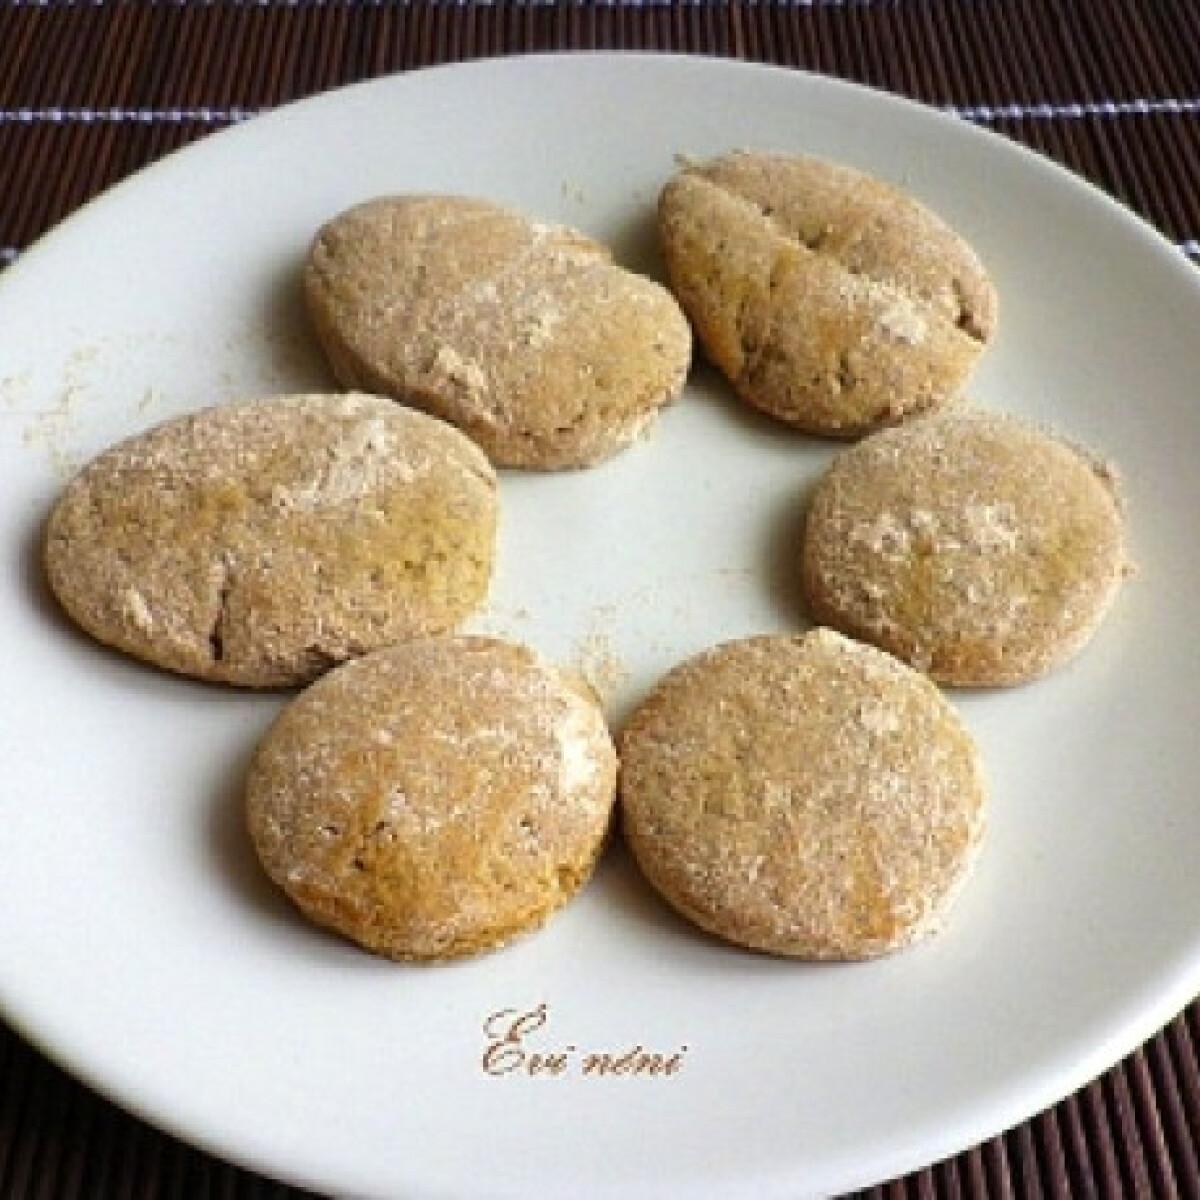 Ezen a képen: Fahéjas keksz Évi nénitől